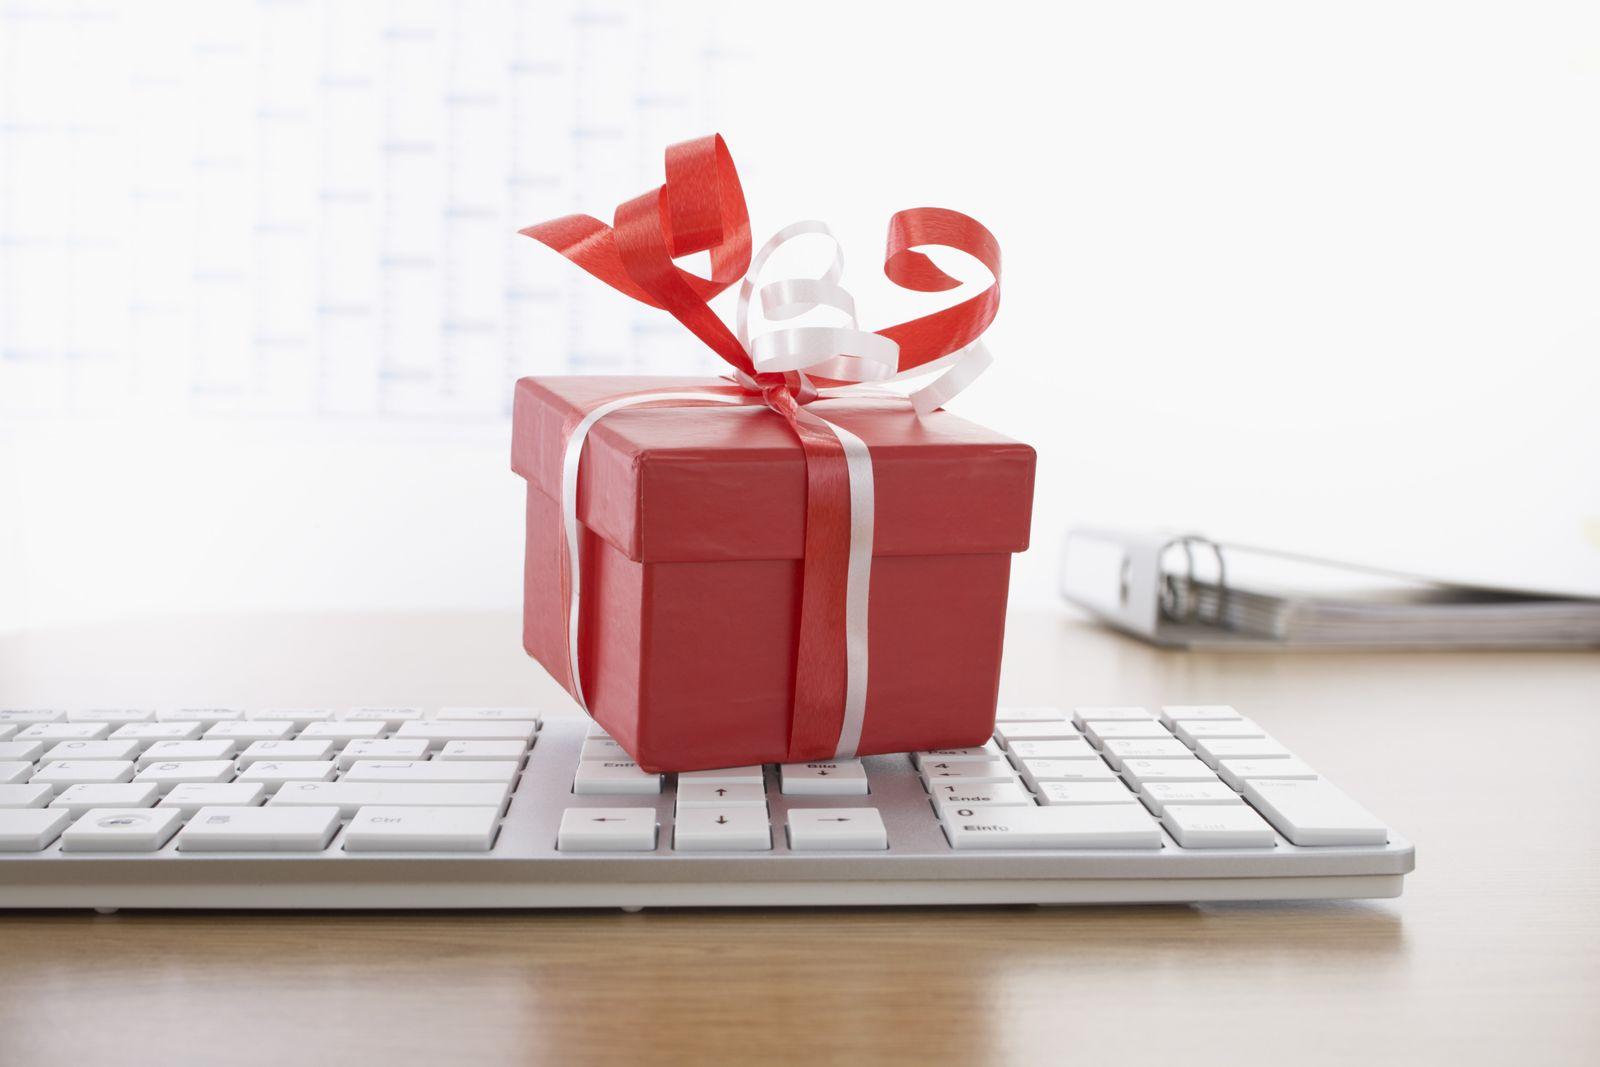 NICHT MEHR VERWENDEN! - Geschenk / Tastatur / Verpackung / Büro (Kopie)